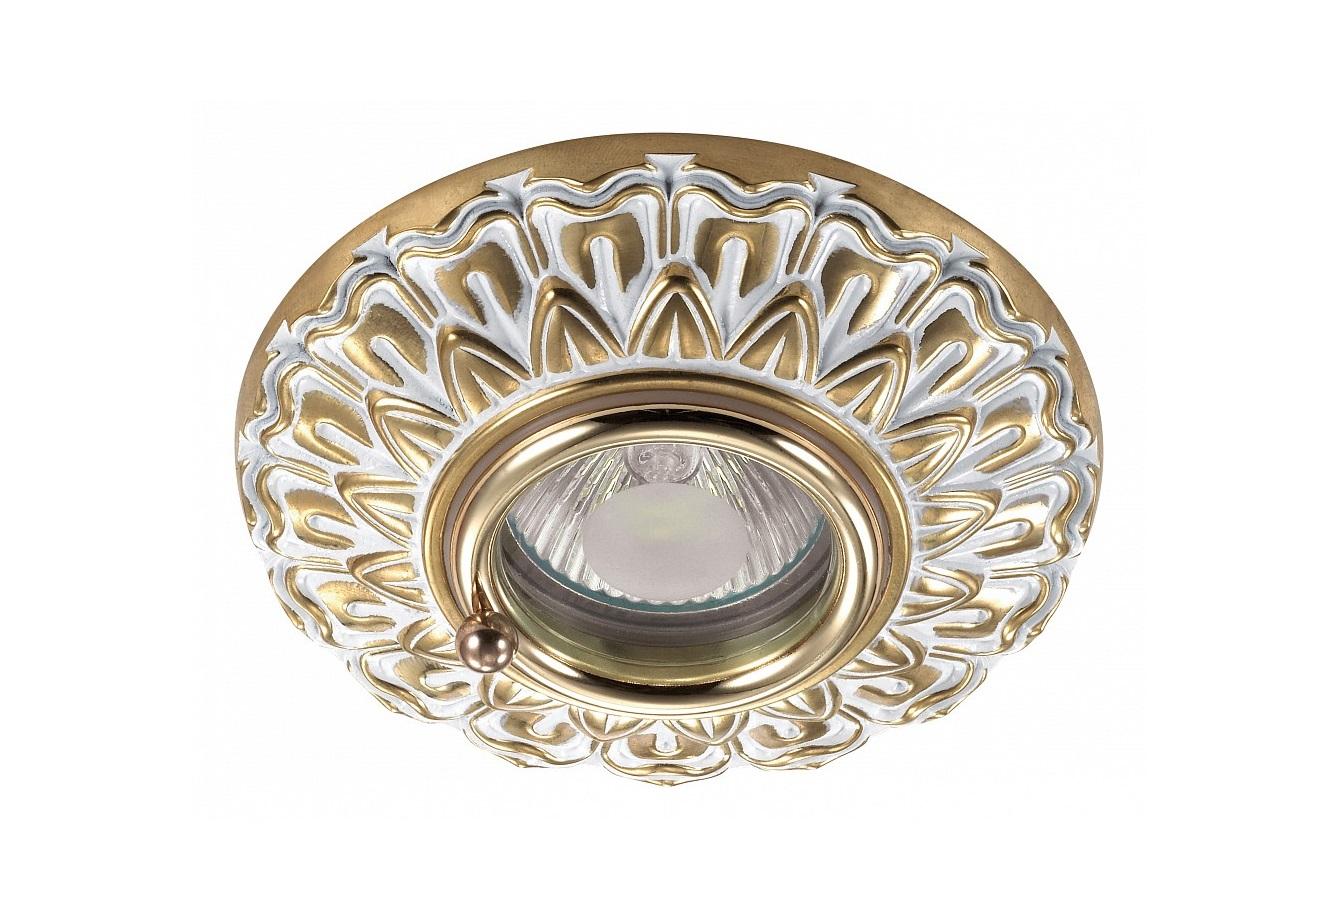 Встраиваемый светильник DaisyТочечный свет<br>Вид цоколя: GX5.3Мощность: 50WКоличество ламп: 1 (нет в комплекте)<br><br>kit: None<br>gender: None